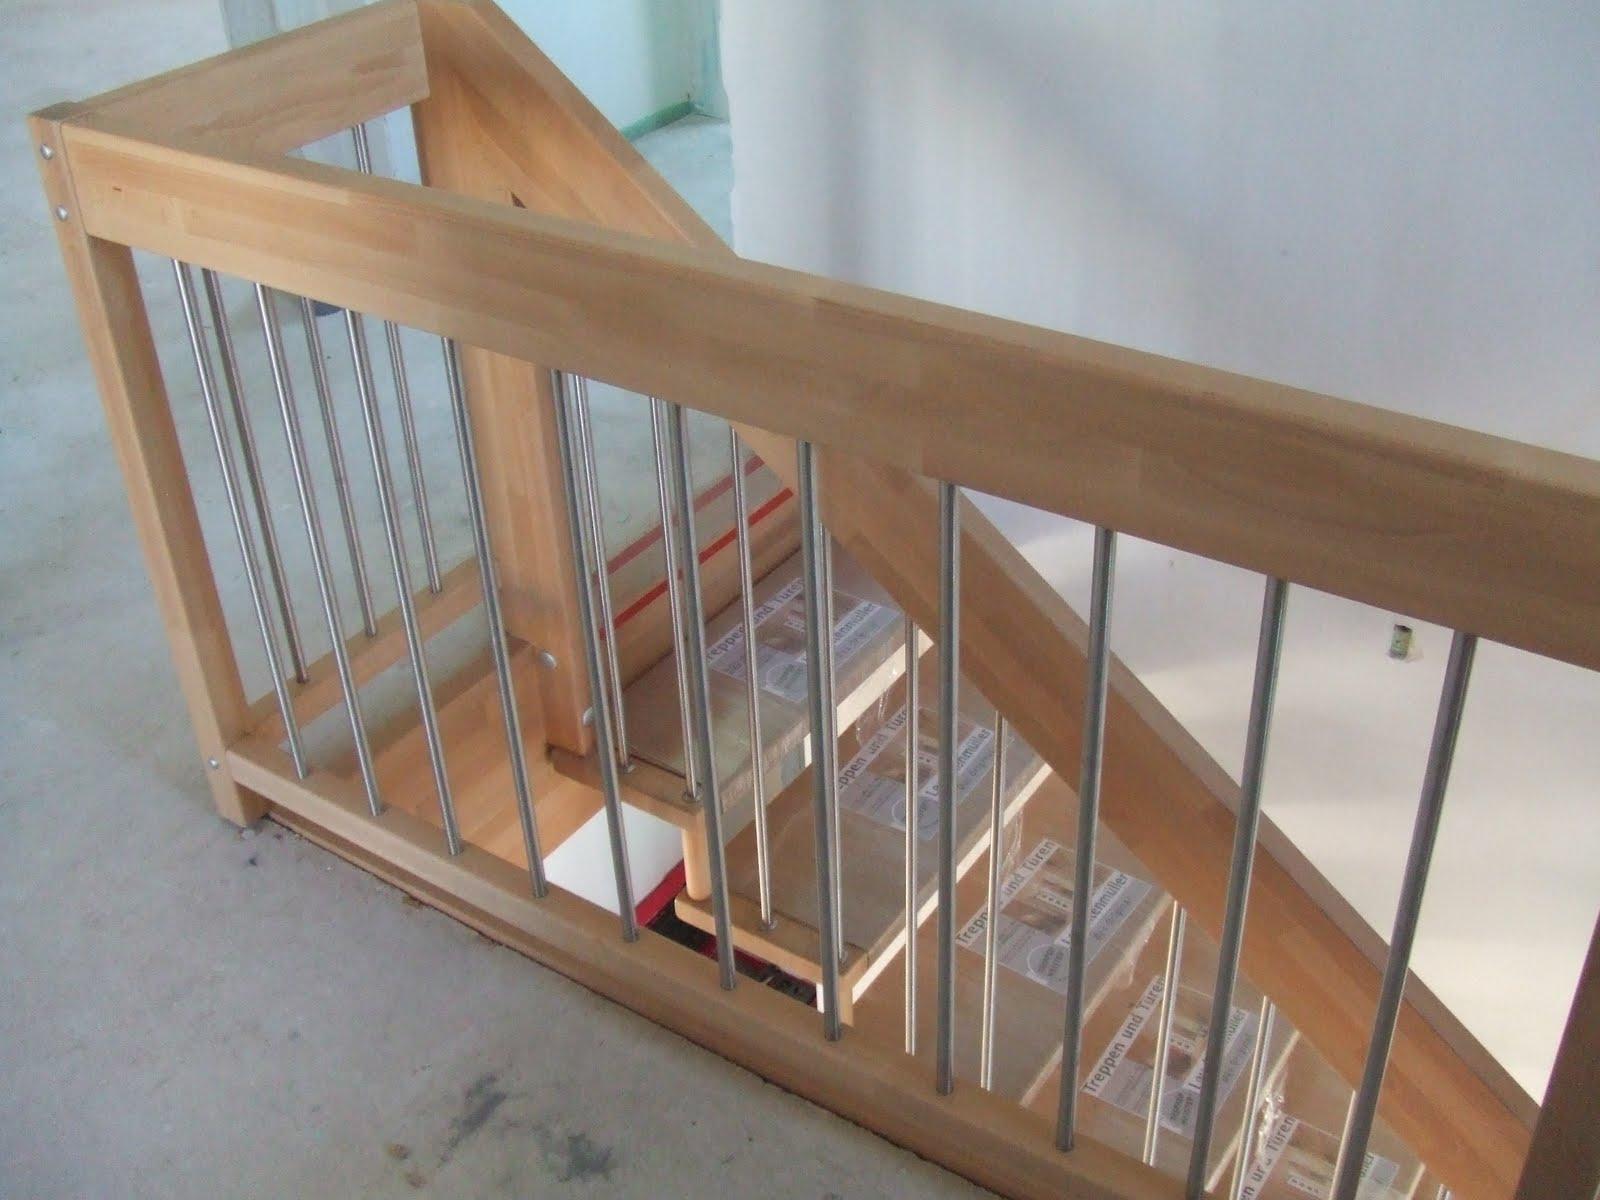 town country lifestyle 120 treppe badewanne und duschwanne sind gekommen. Black Bedroom Furniture Sets. Home Design Ideas